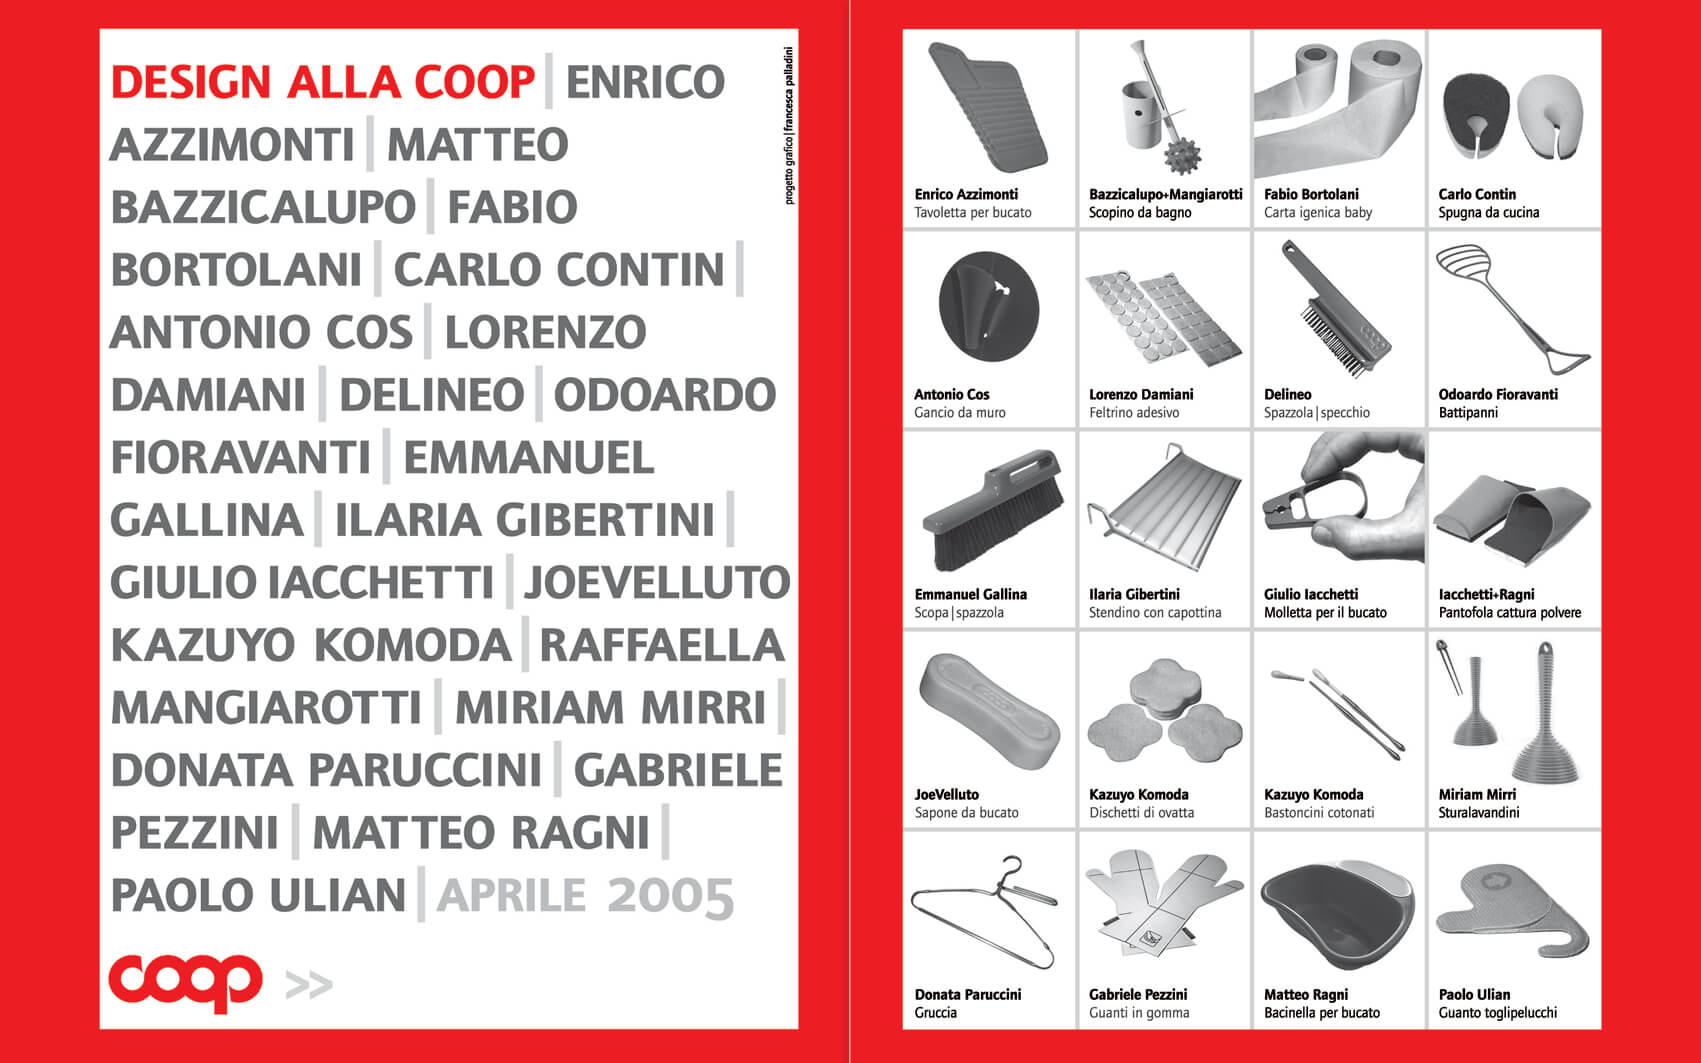 scopino - deepdesign - Scopino Da Bagno Design